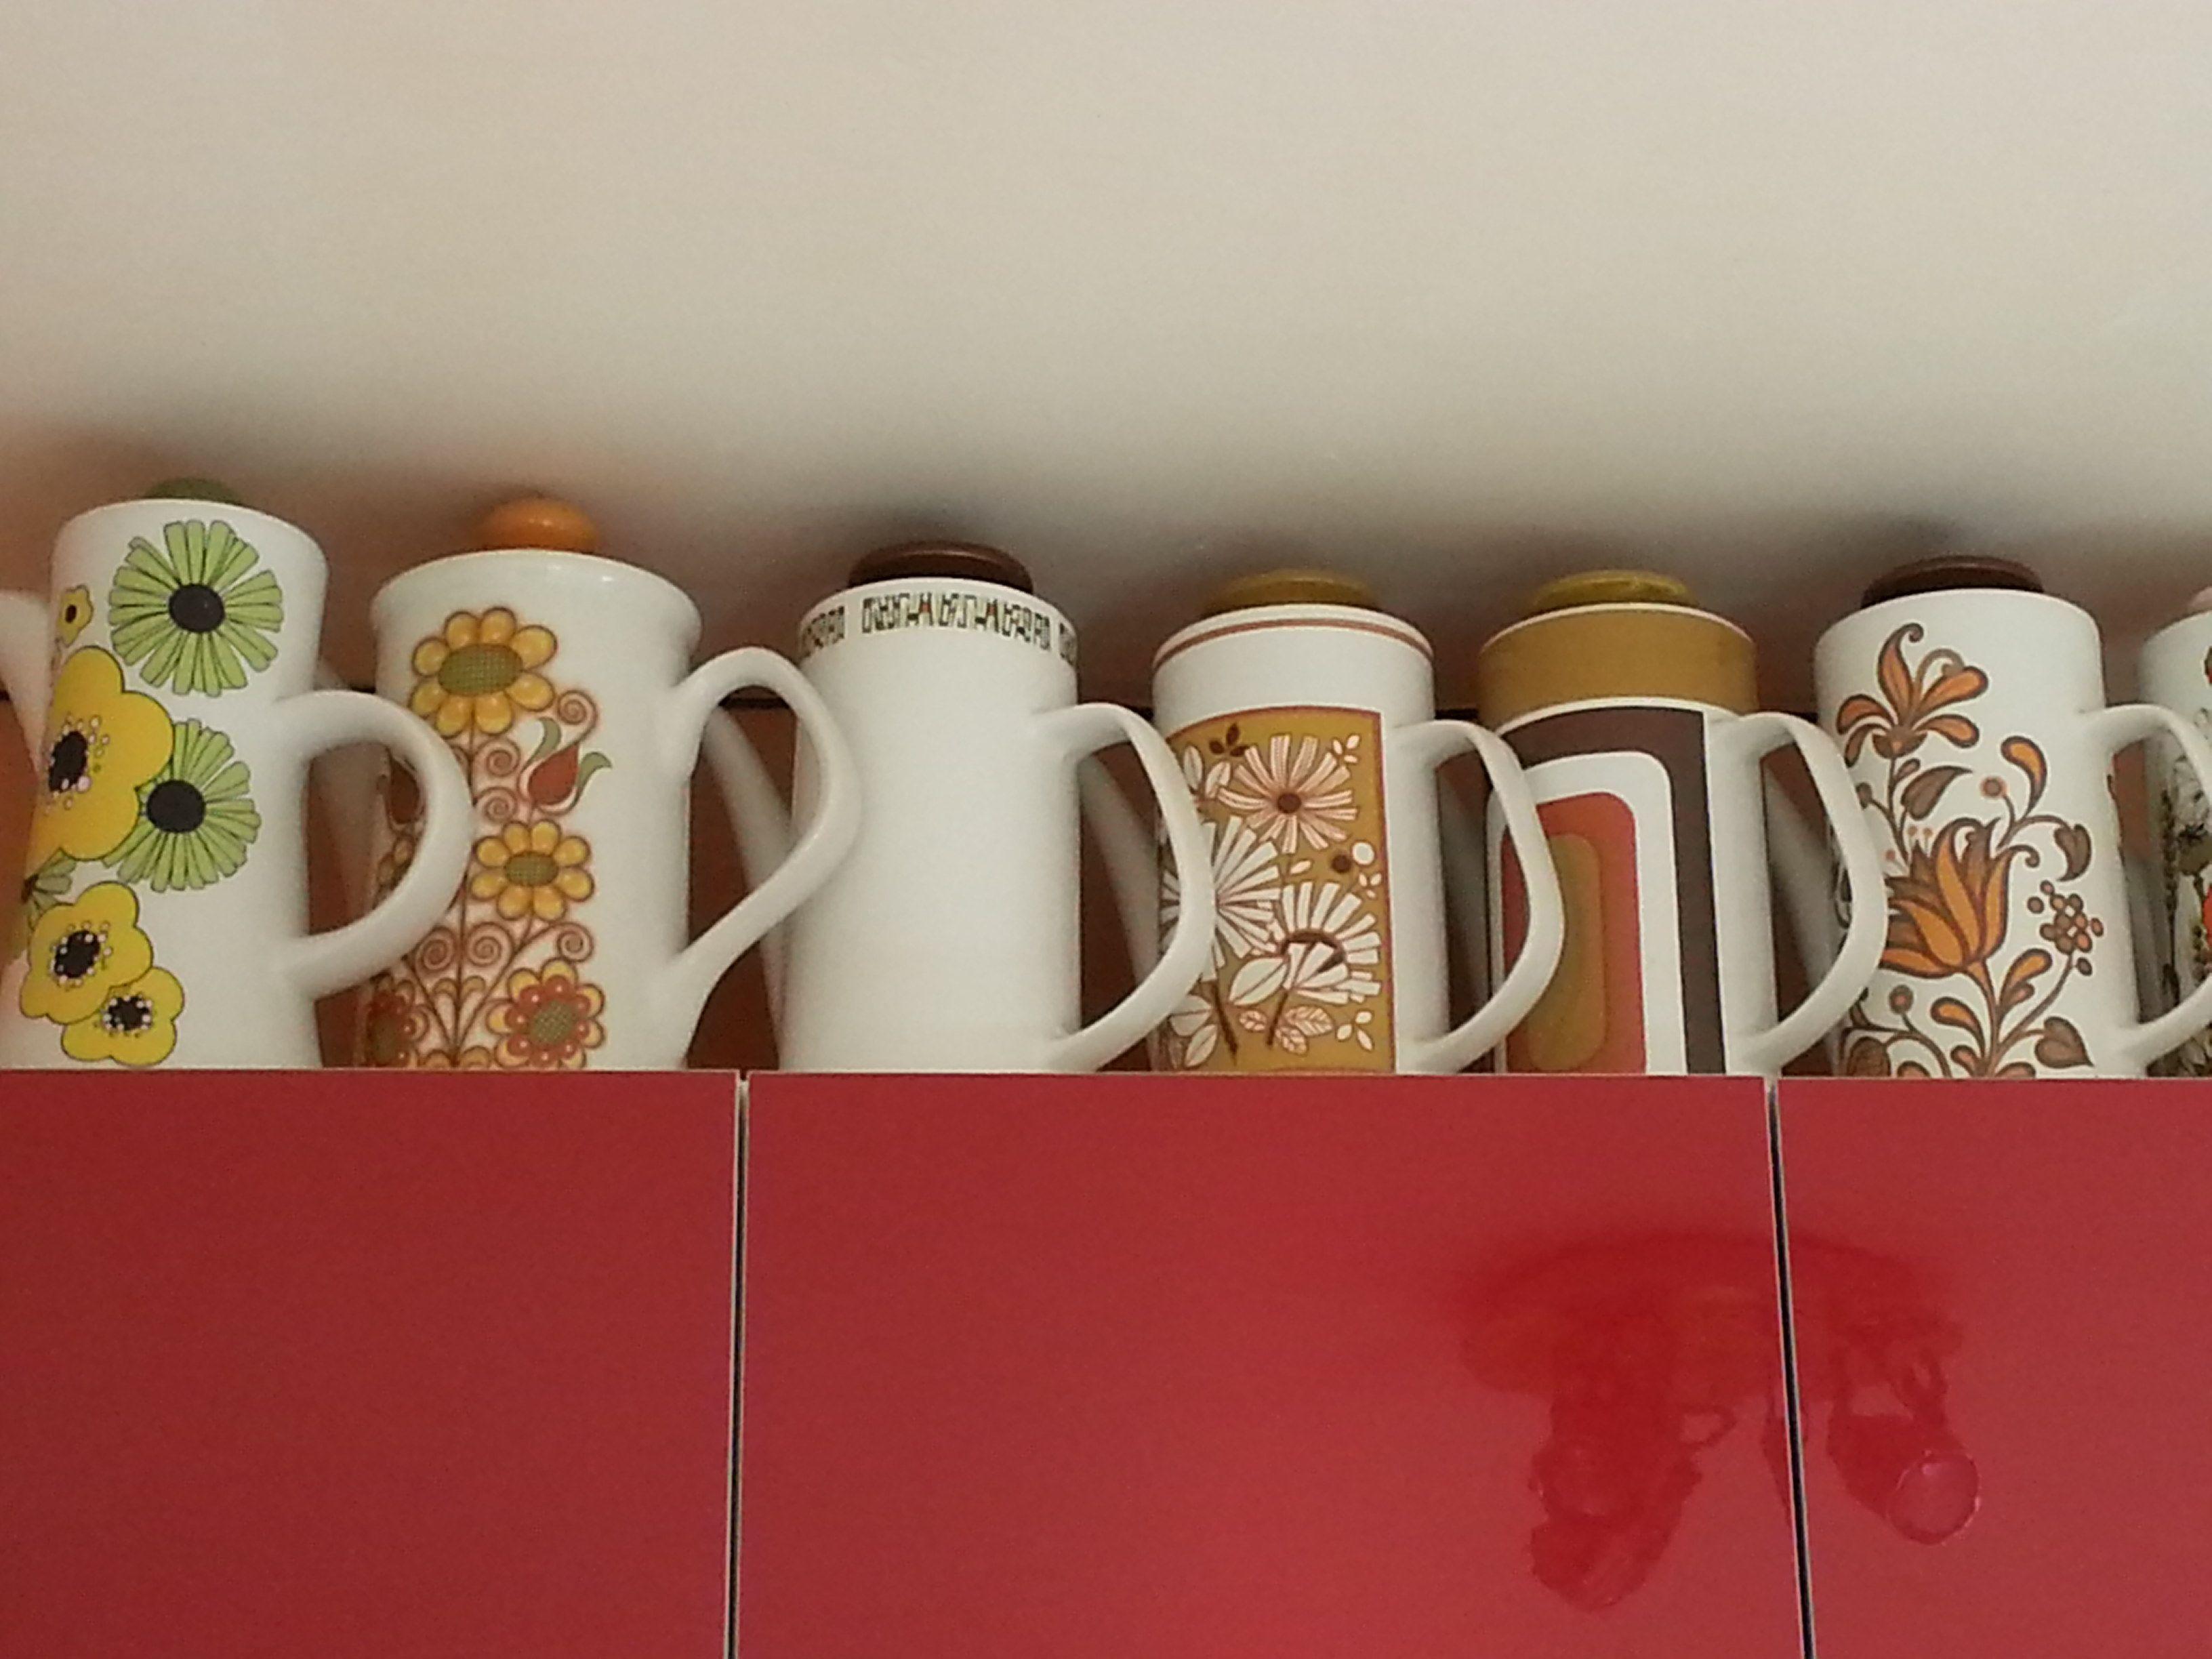 1960's & 70's coffee pots